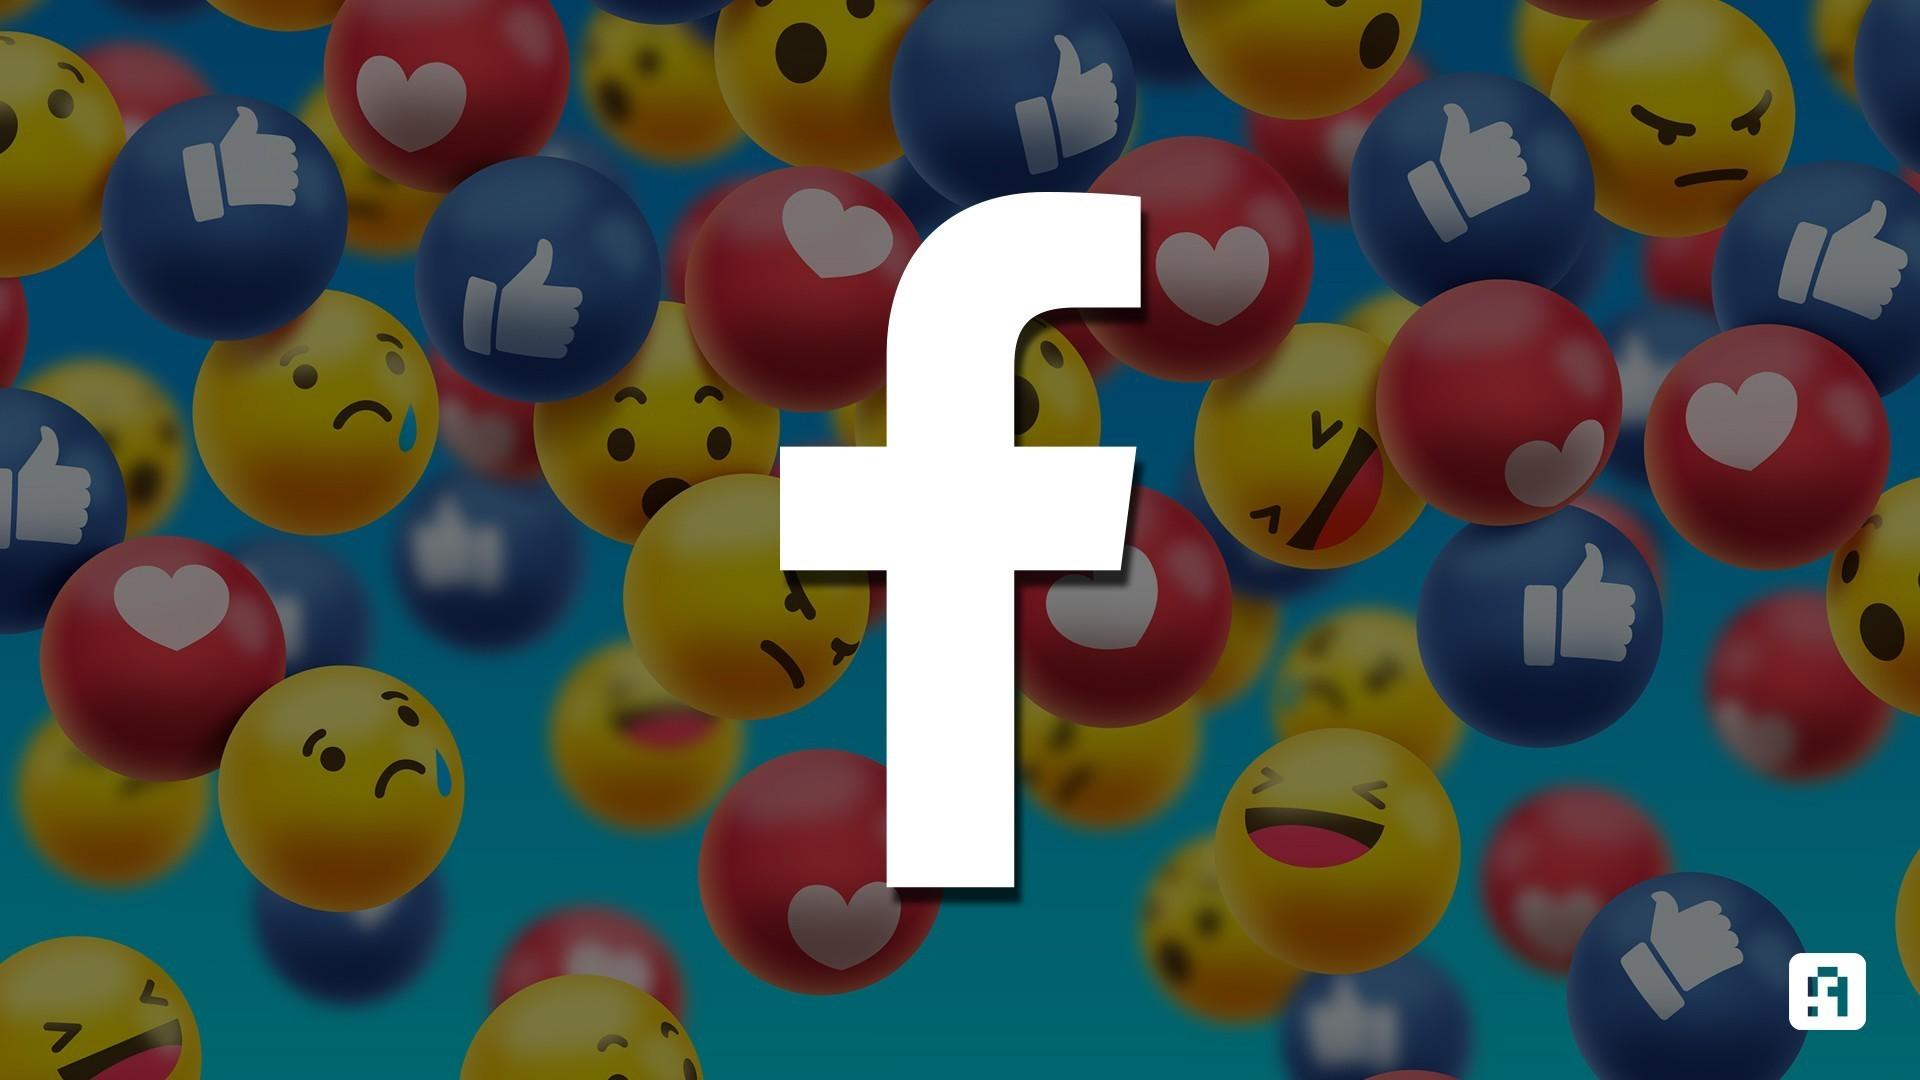 فيسبوك عرب هاردوير مارك زوكربيرج